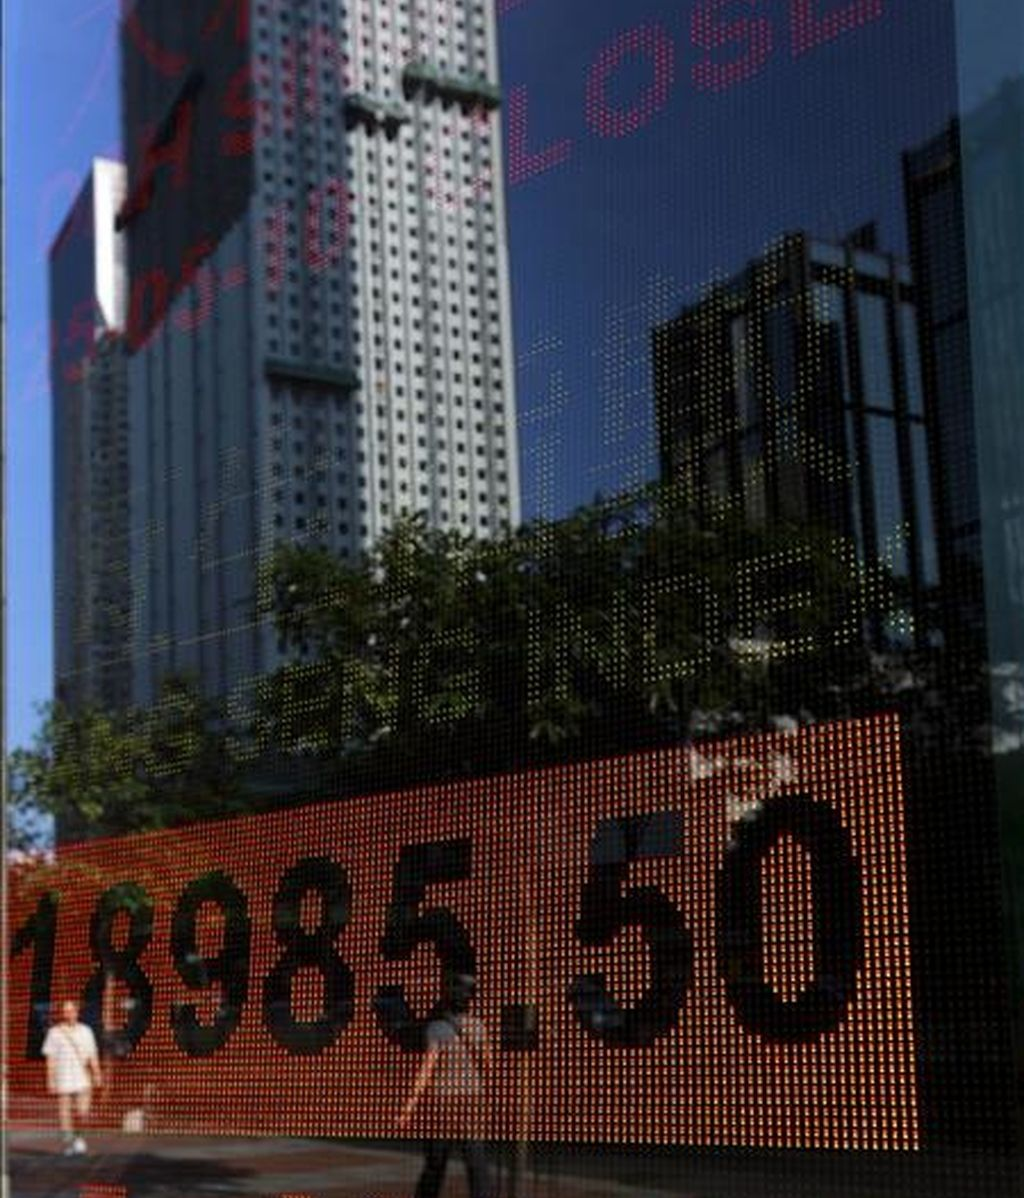 Un tablero electrónico muestra los resultados del índice Hang Seng de la Bolsa de Hong Kong. EFE/Archivo